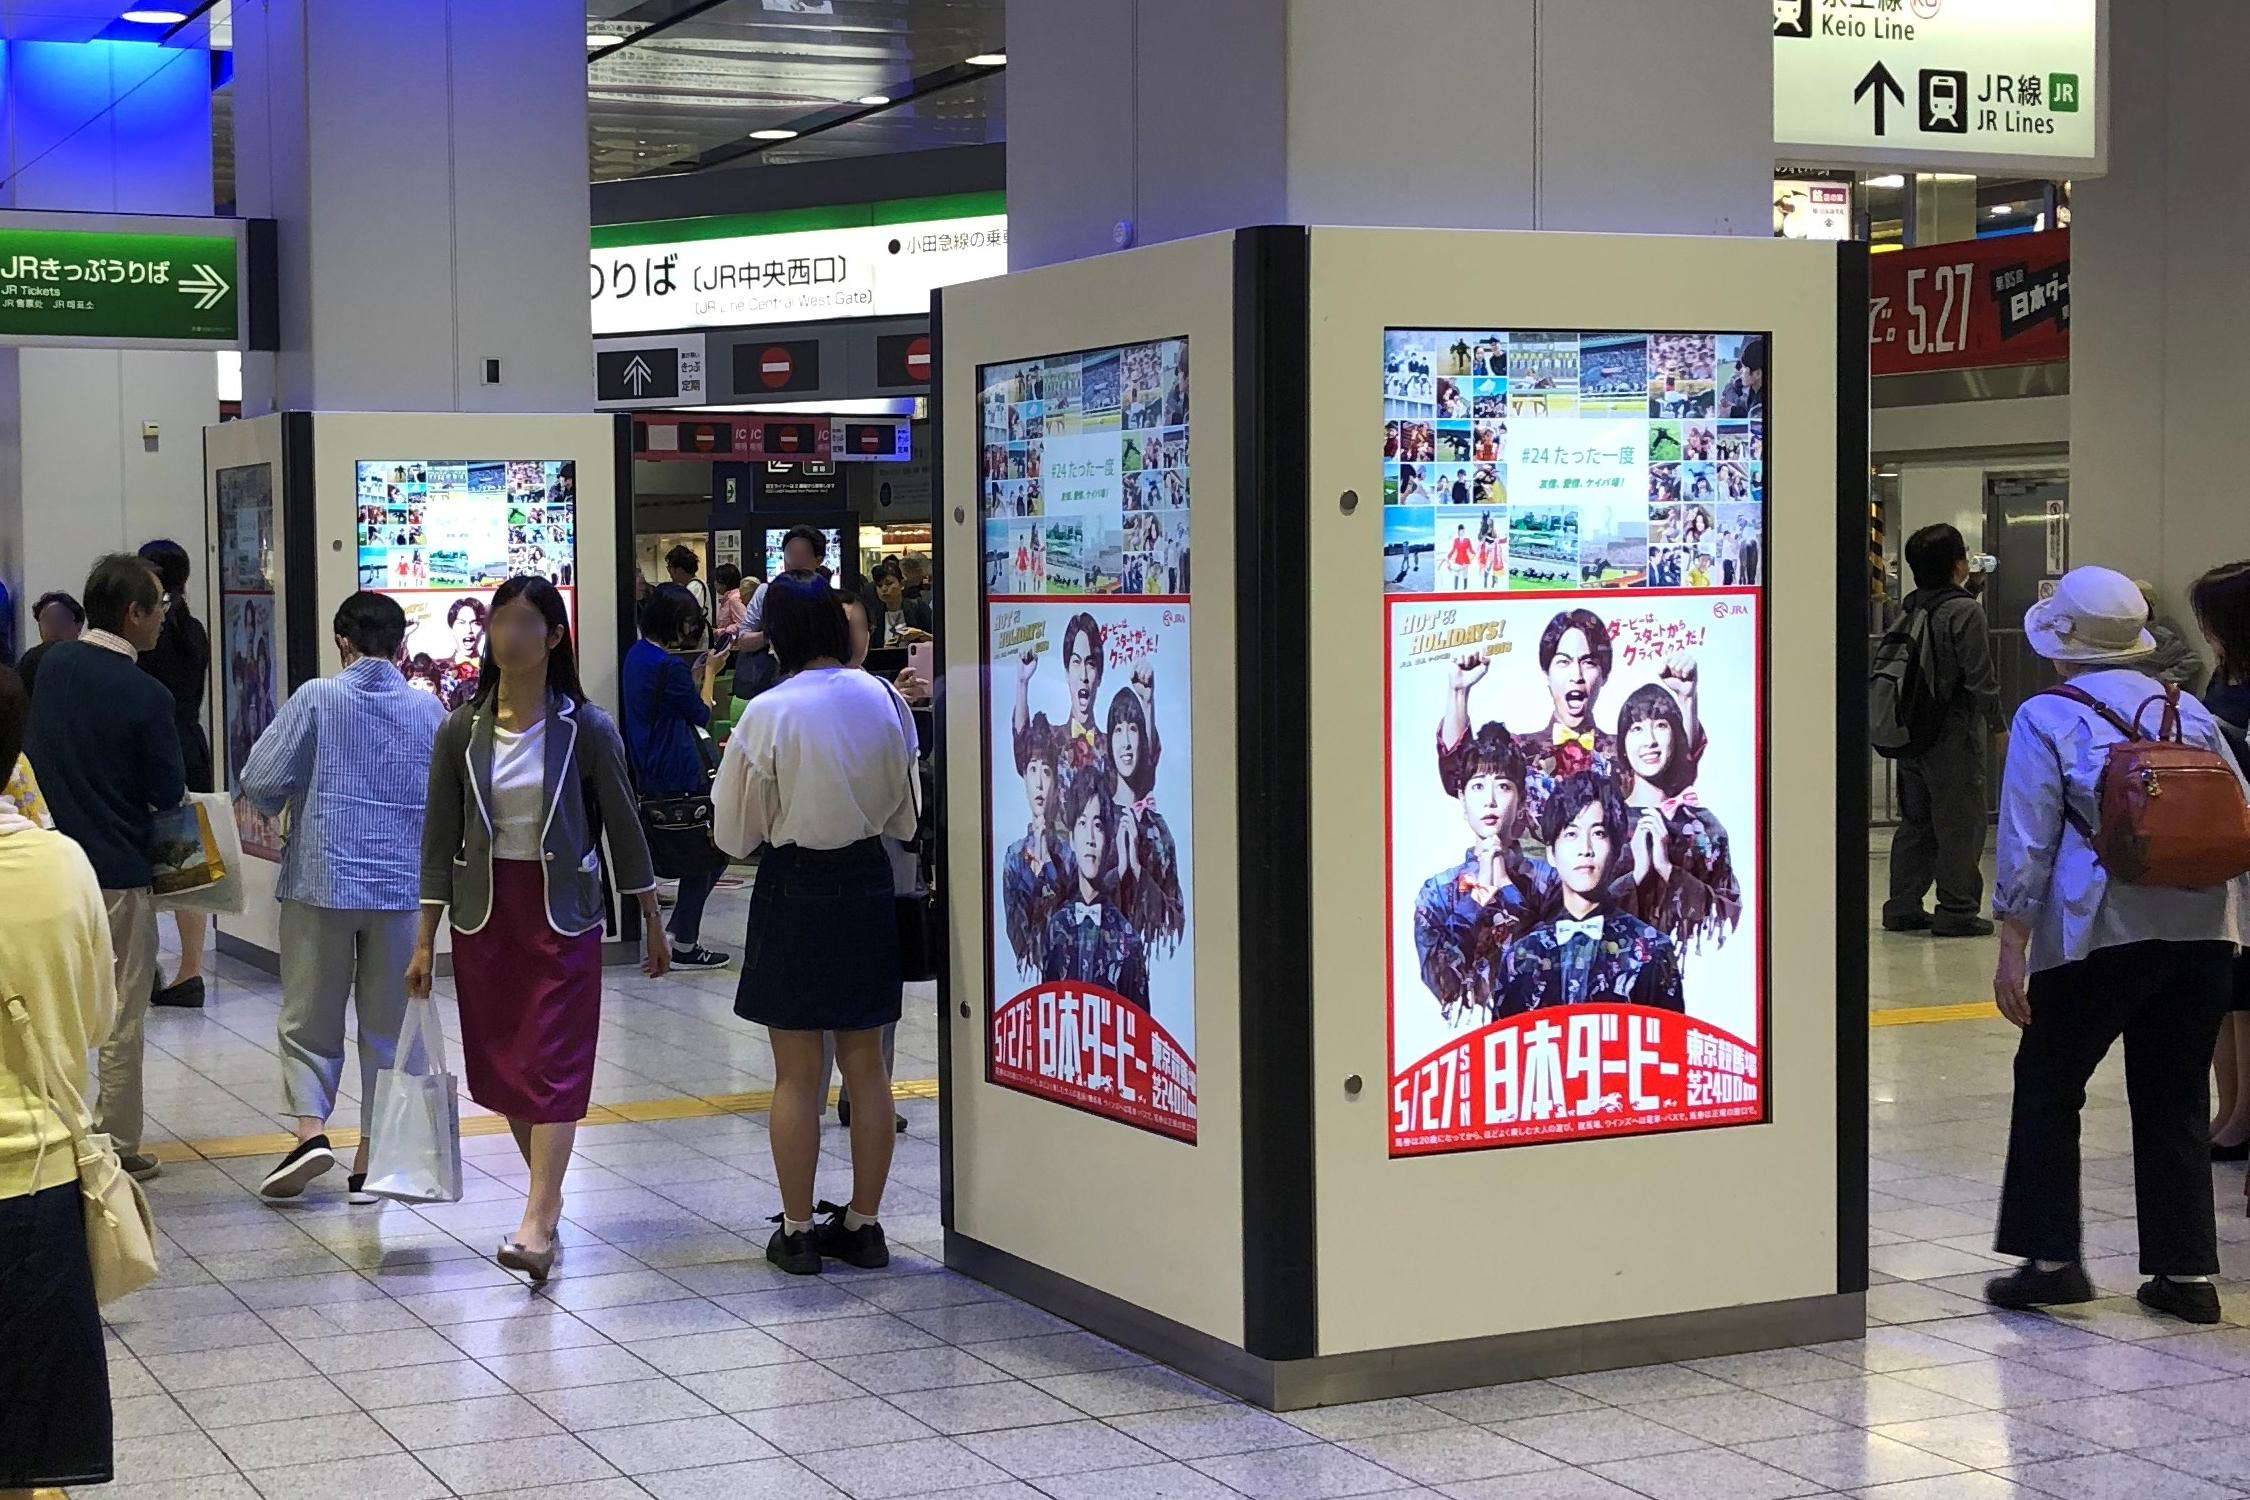 「街」のデジタルサイネージ(新宿編)06_新宿駅構内